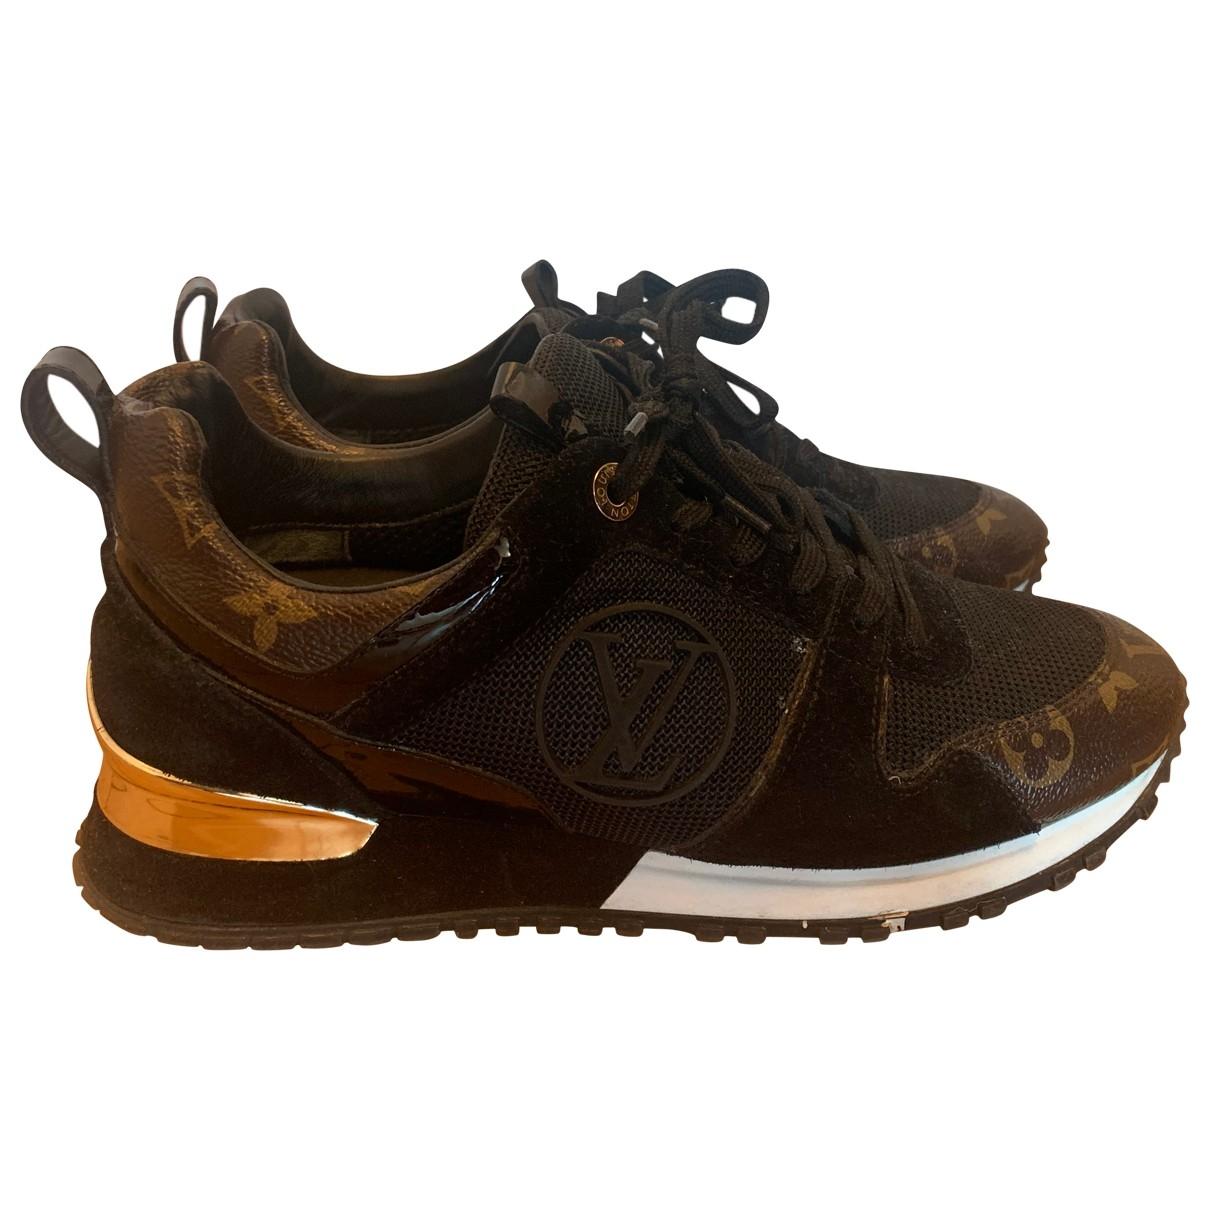 Louis Vuitton Run Away Brown Leather Trainers for Women 38 EU